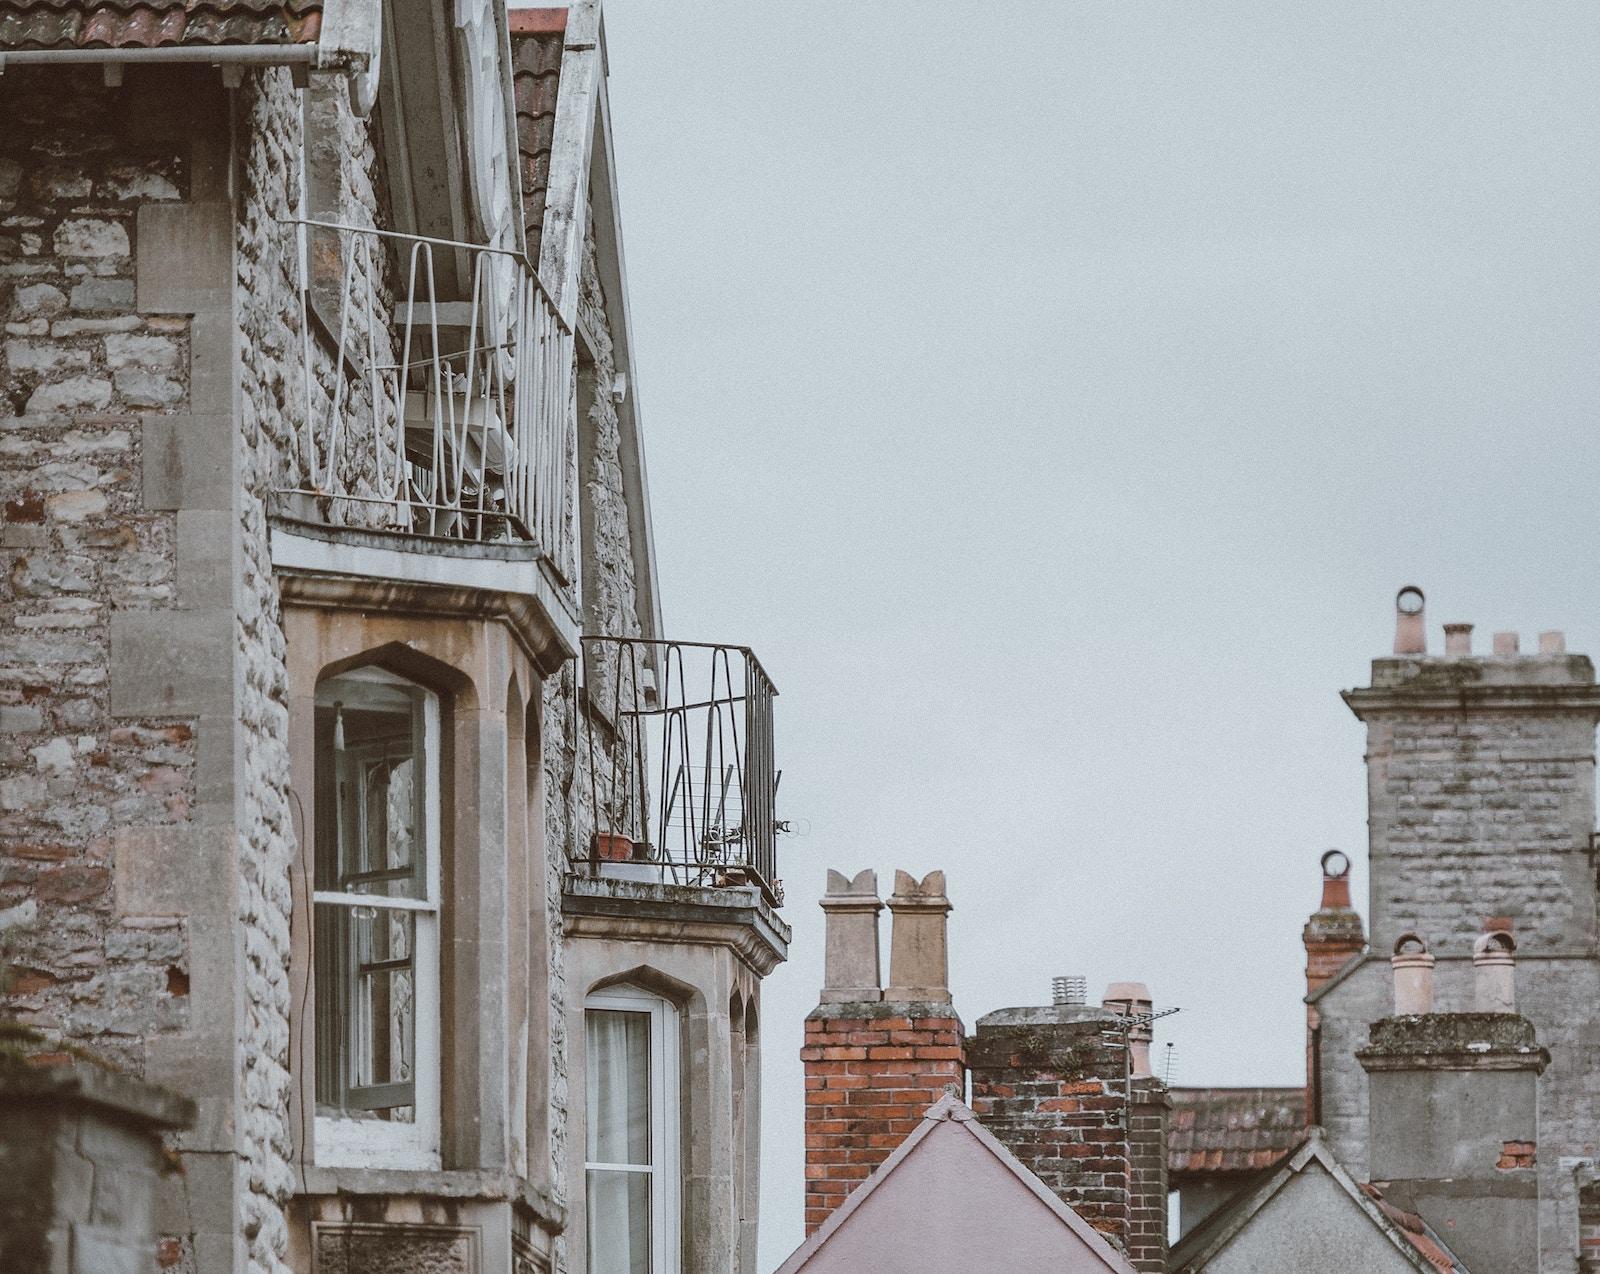 Kyjanam proponujuť pozbutysja zasklenyh balkoniv